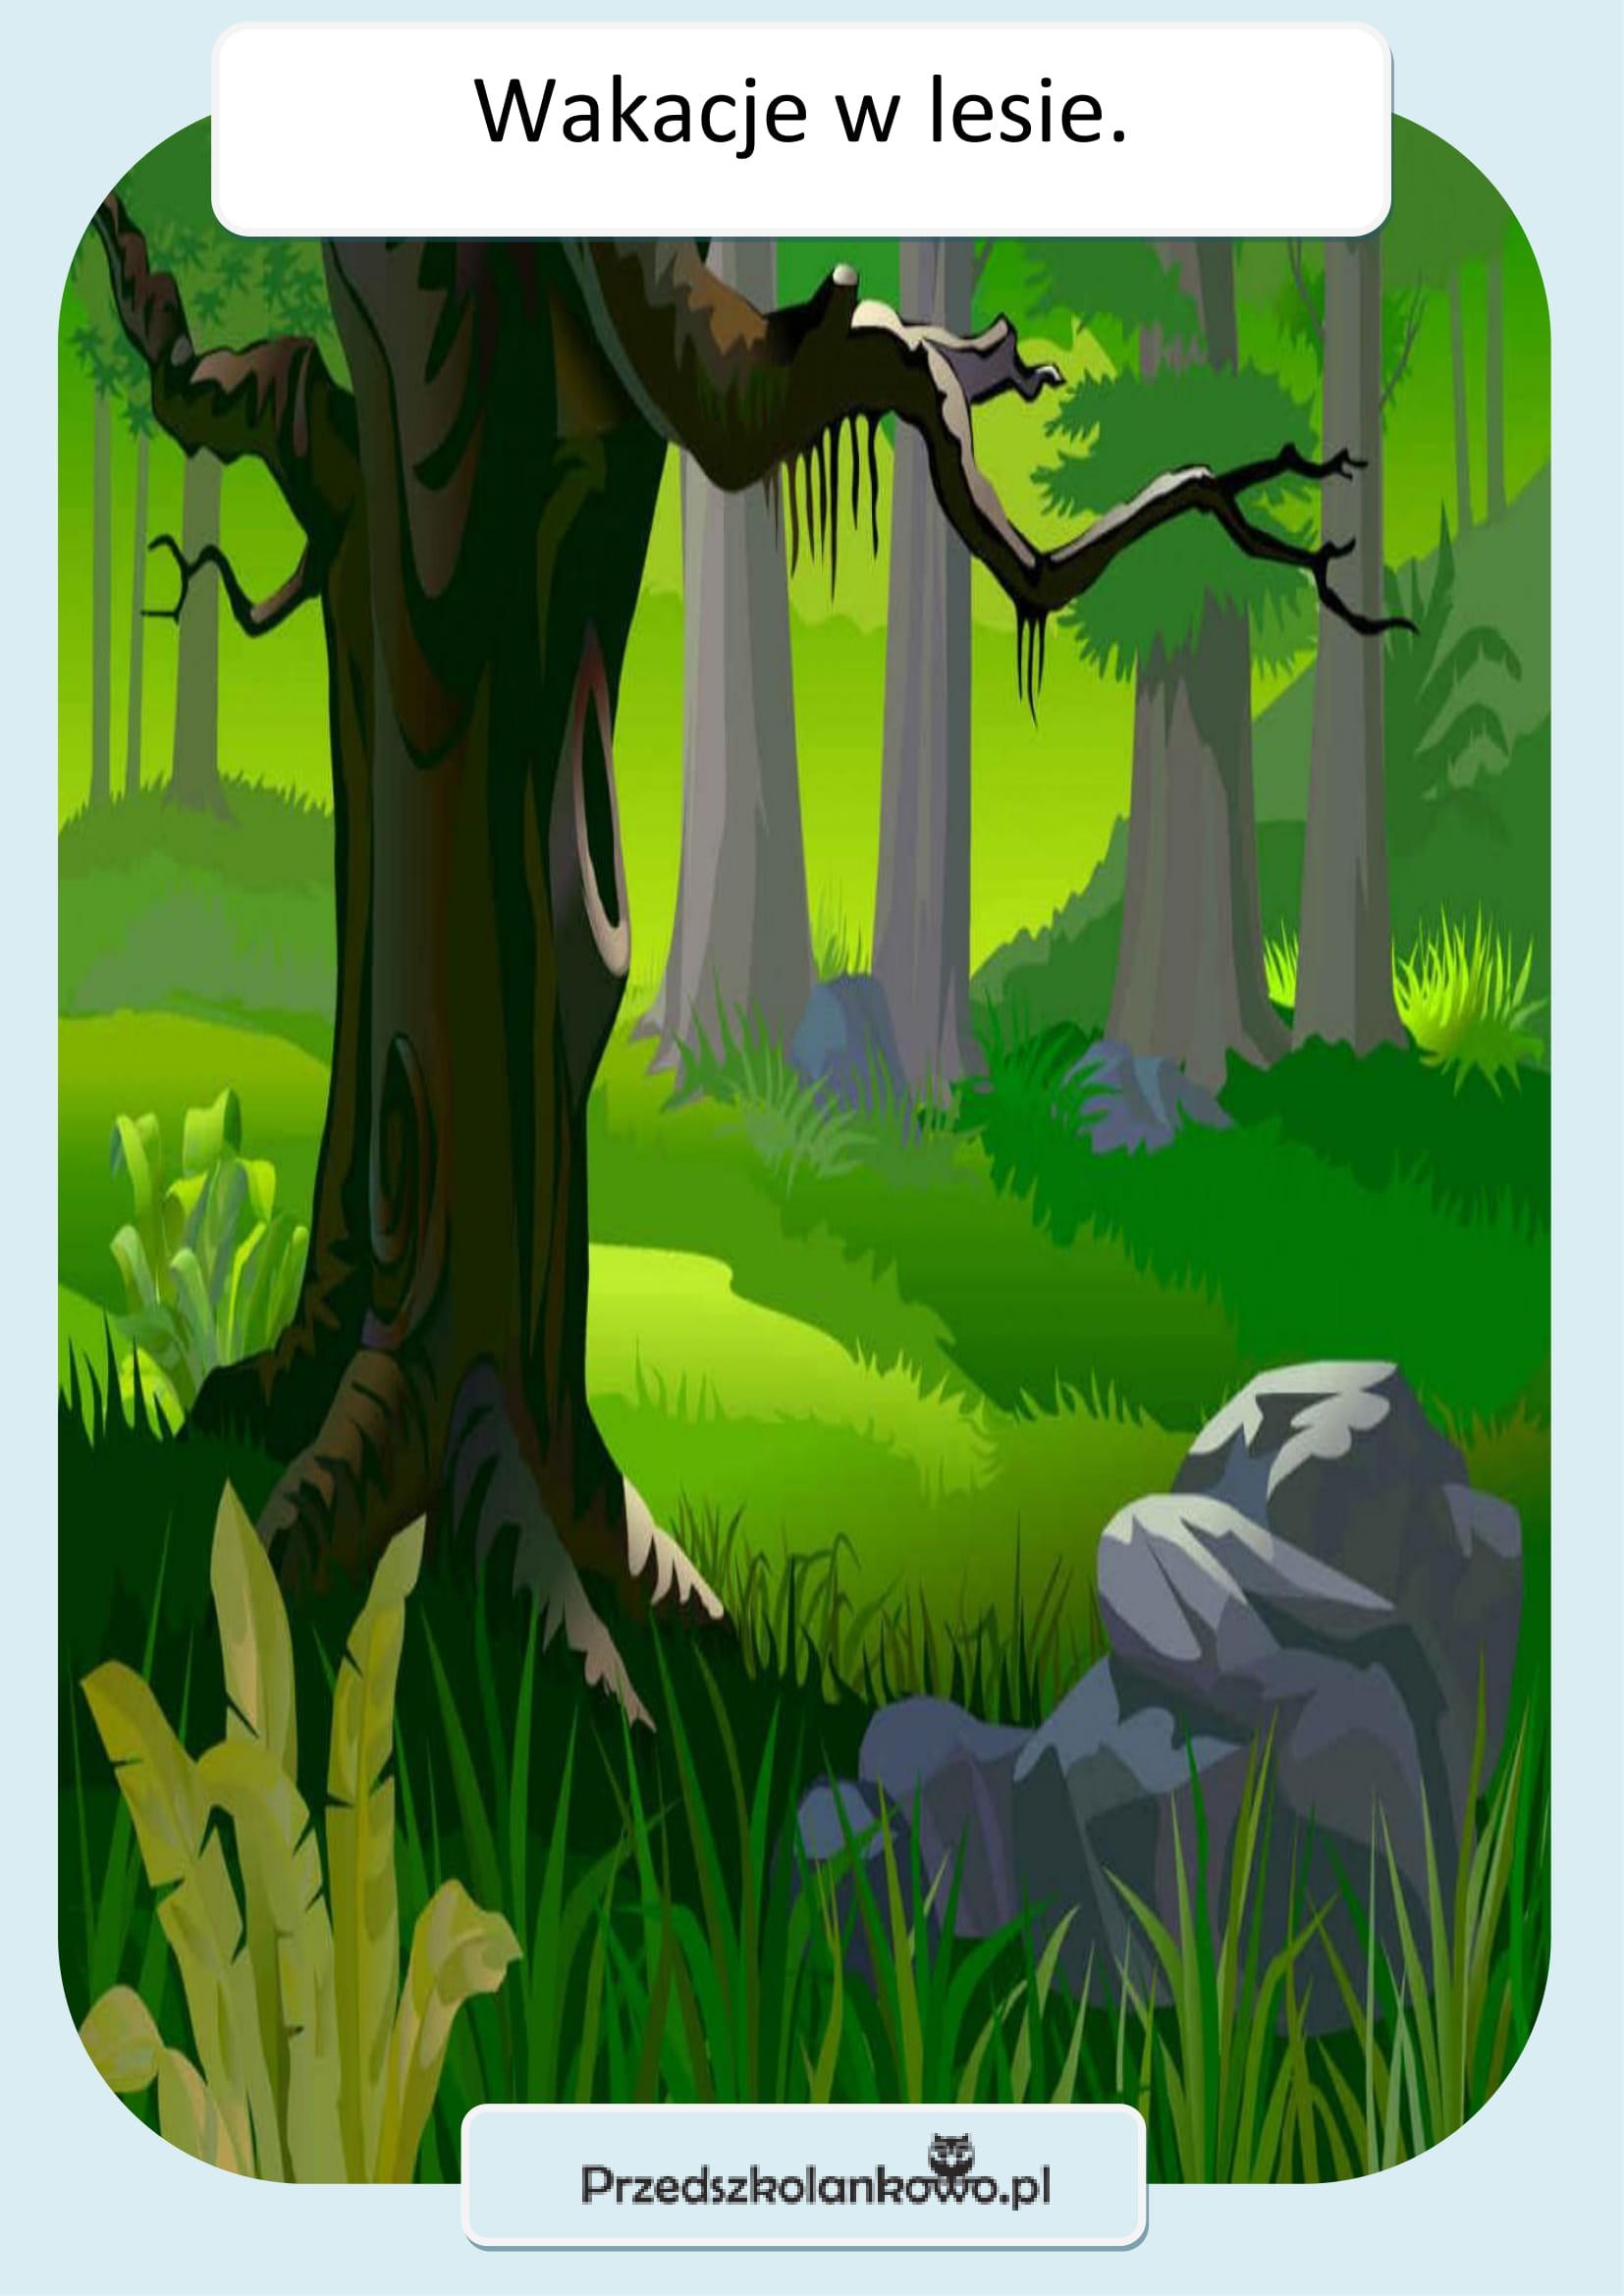 PLANSZA-wakacje-w-lesie.-1